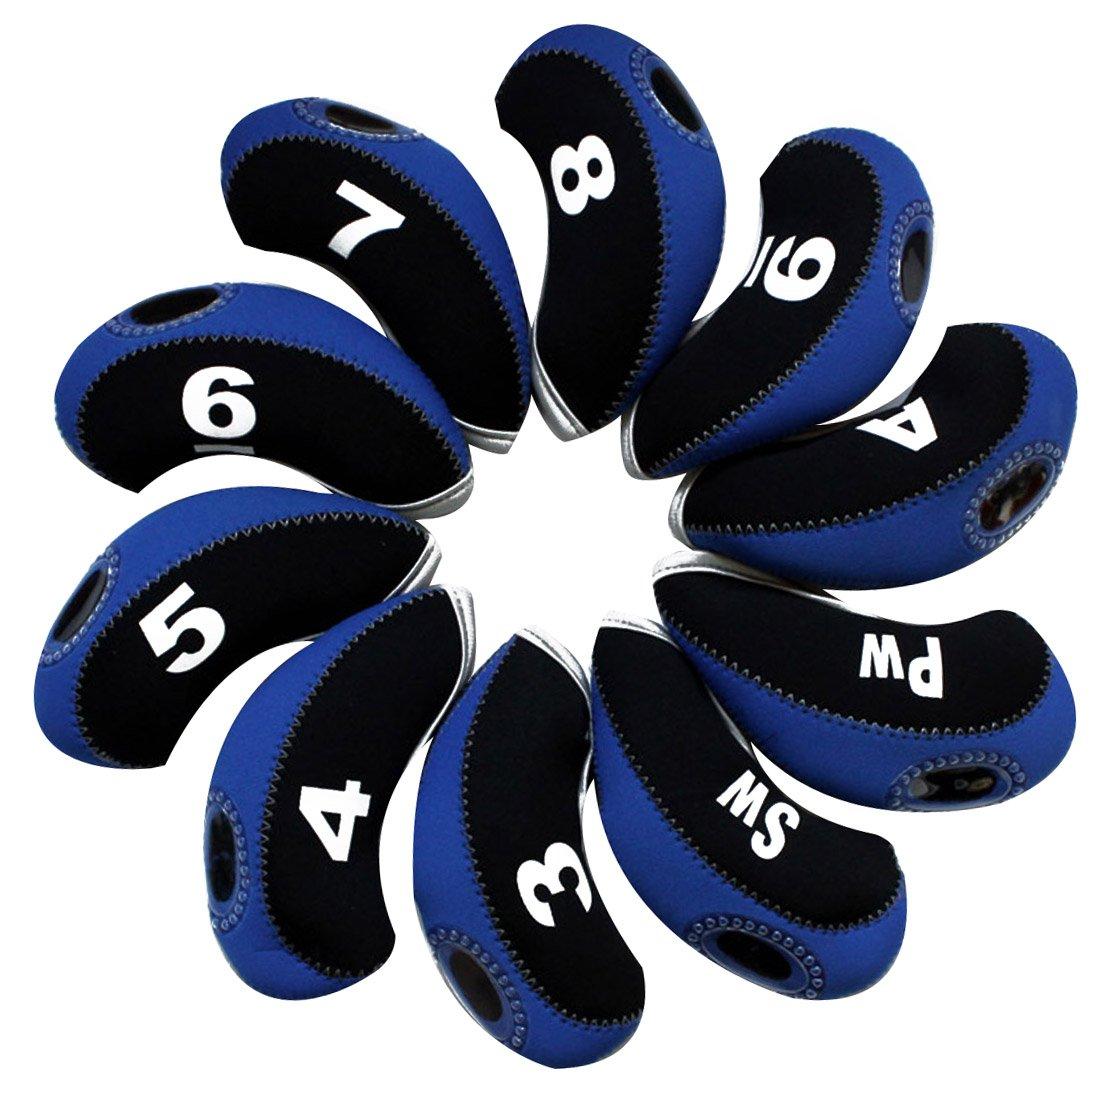 Andux funda de palo de golf hierro 10pcs/set negro/azul MT ...